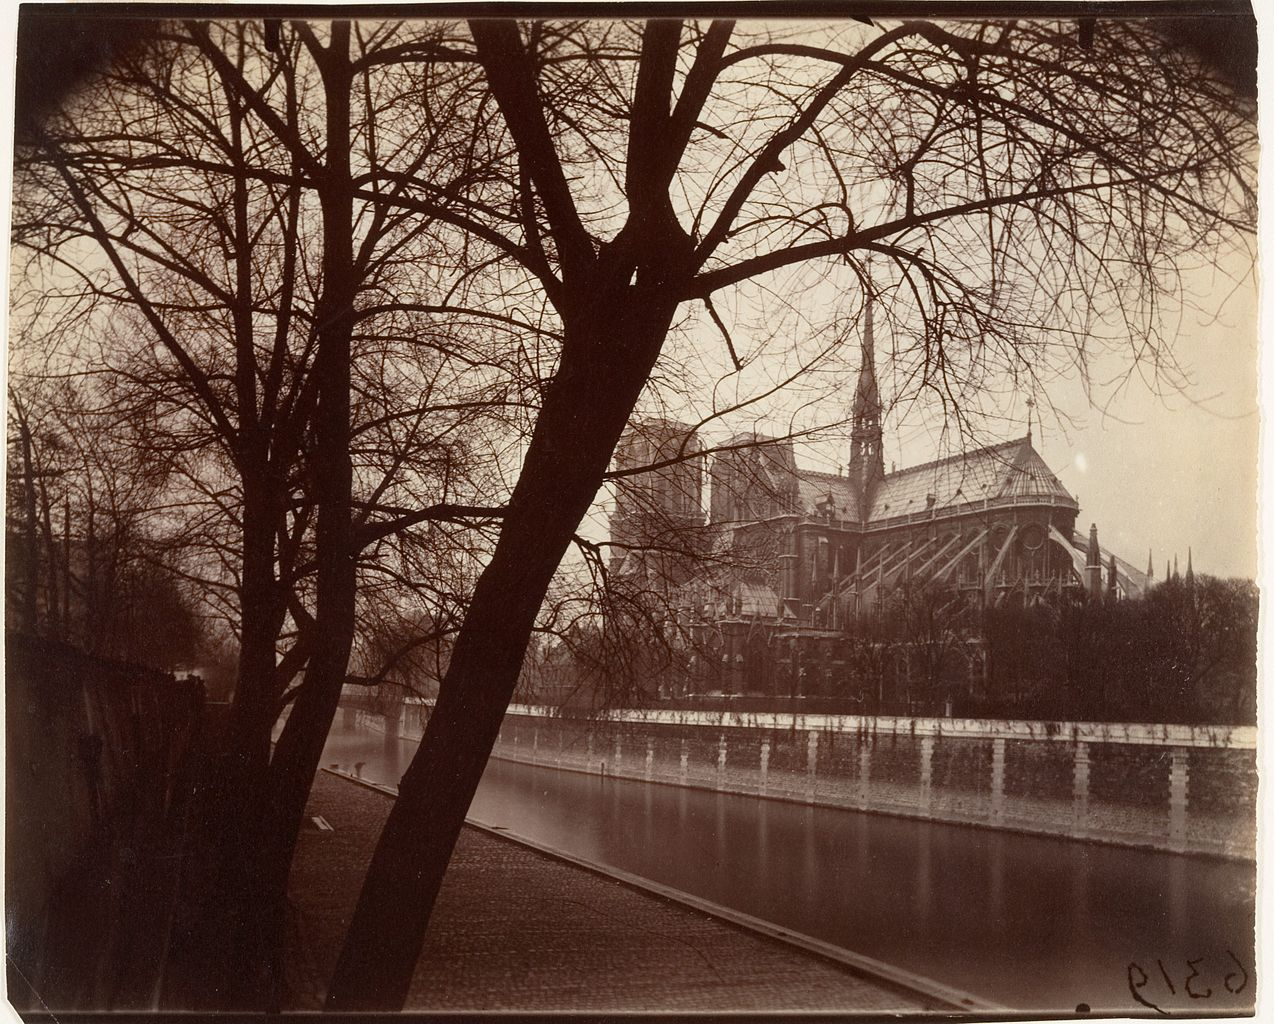 1274px-Eugène_Atget,_Nôtre_Dame,_1922